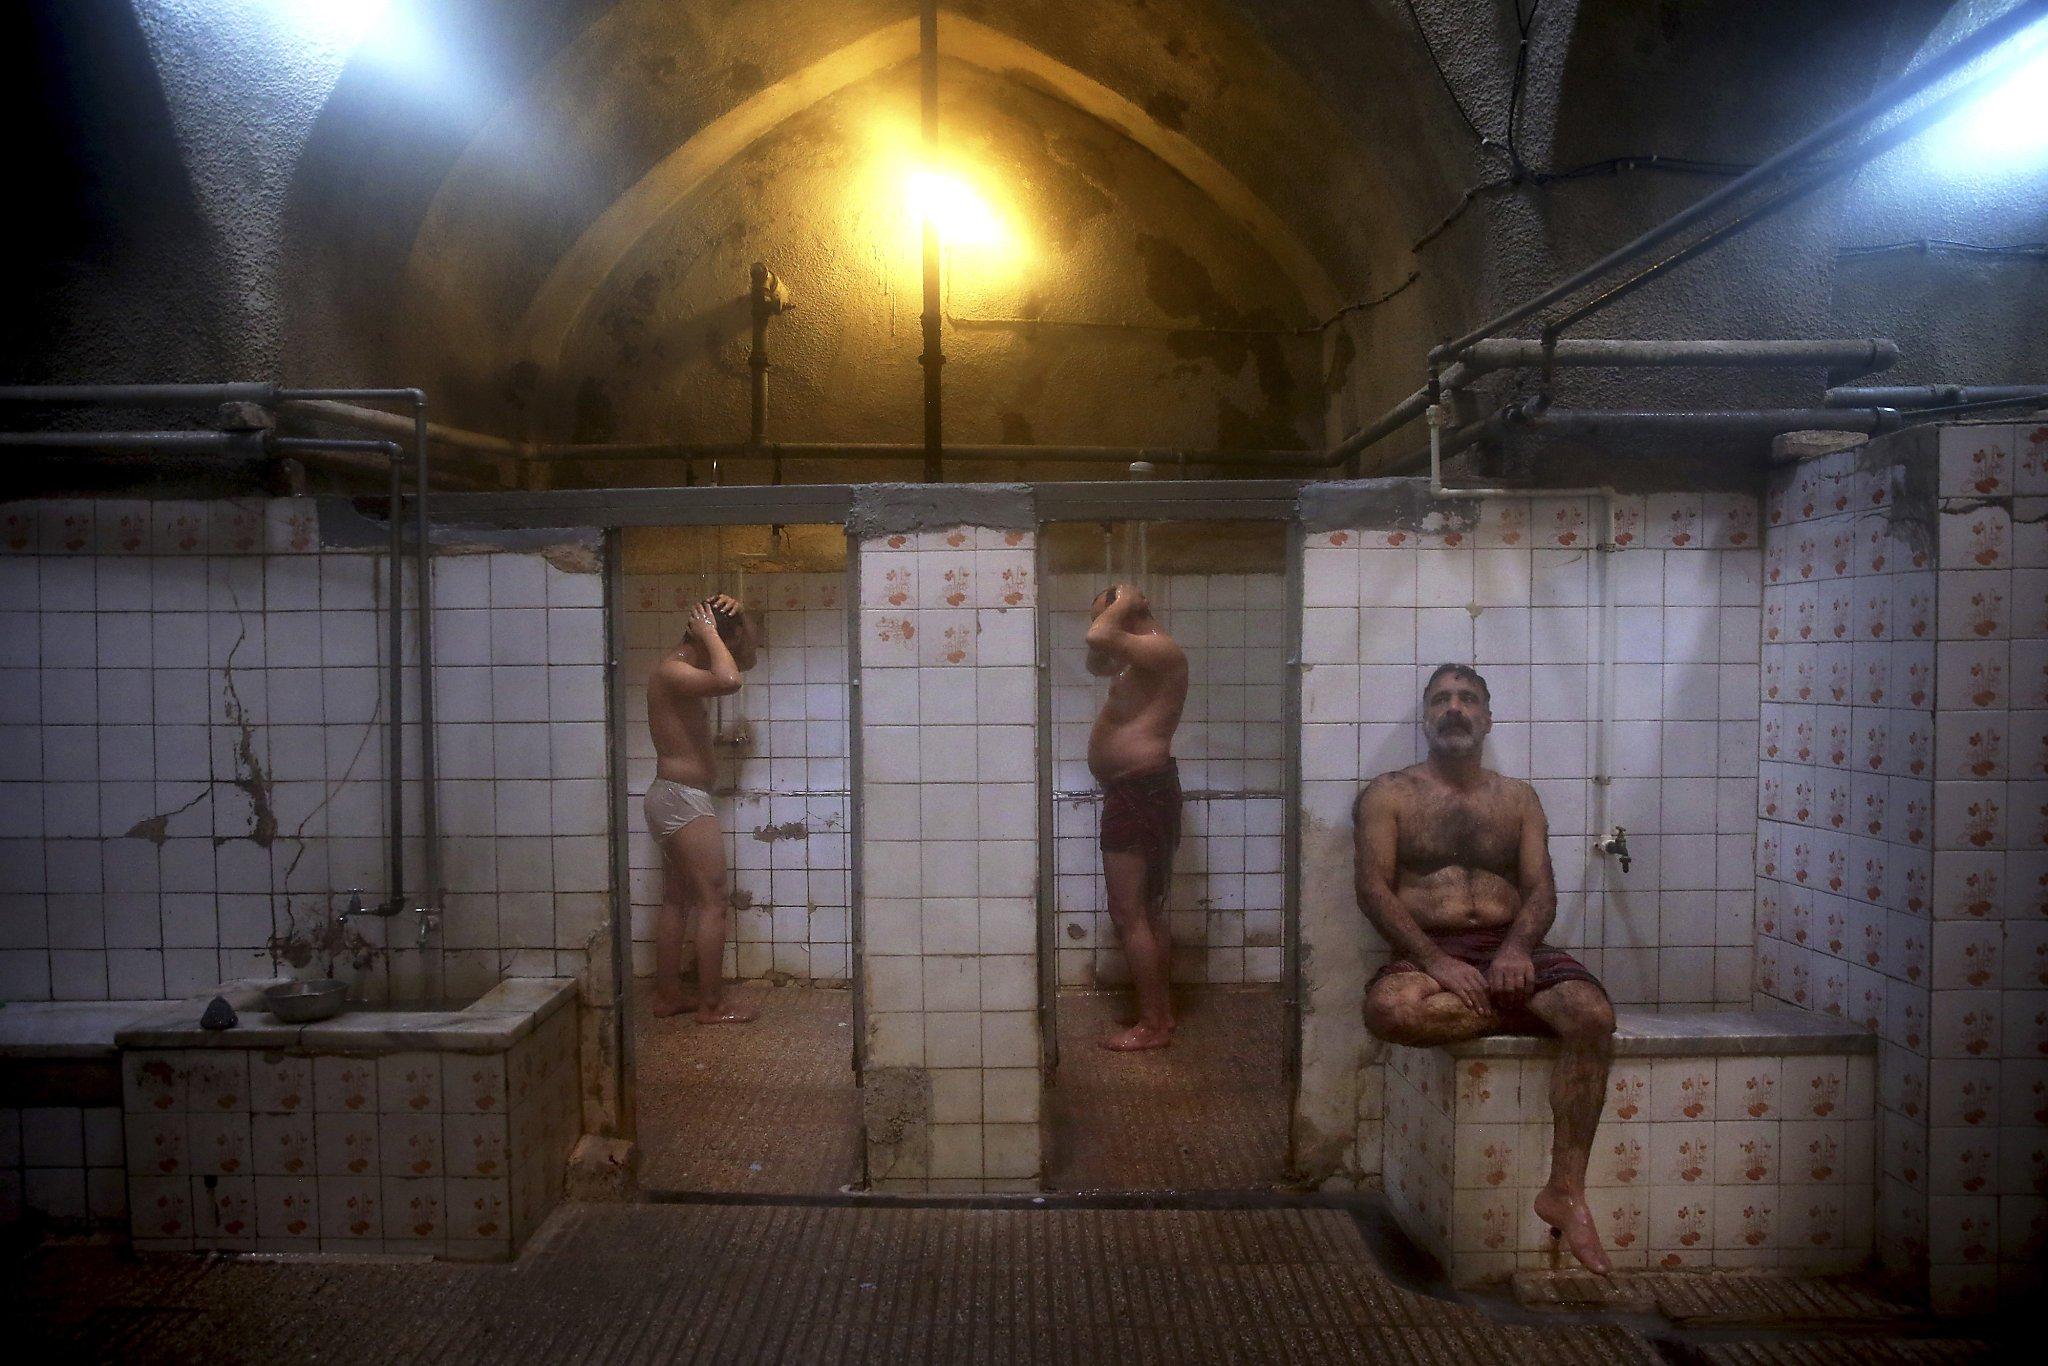 фотографии сделанные в общественных банях было, скорее